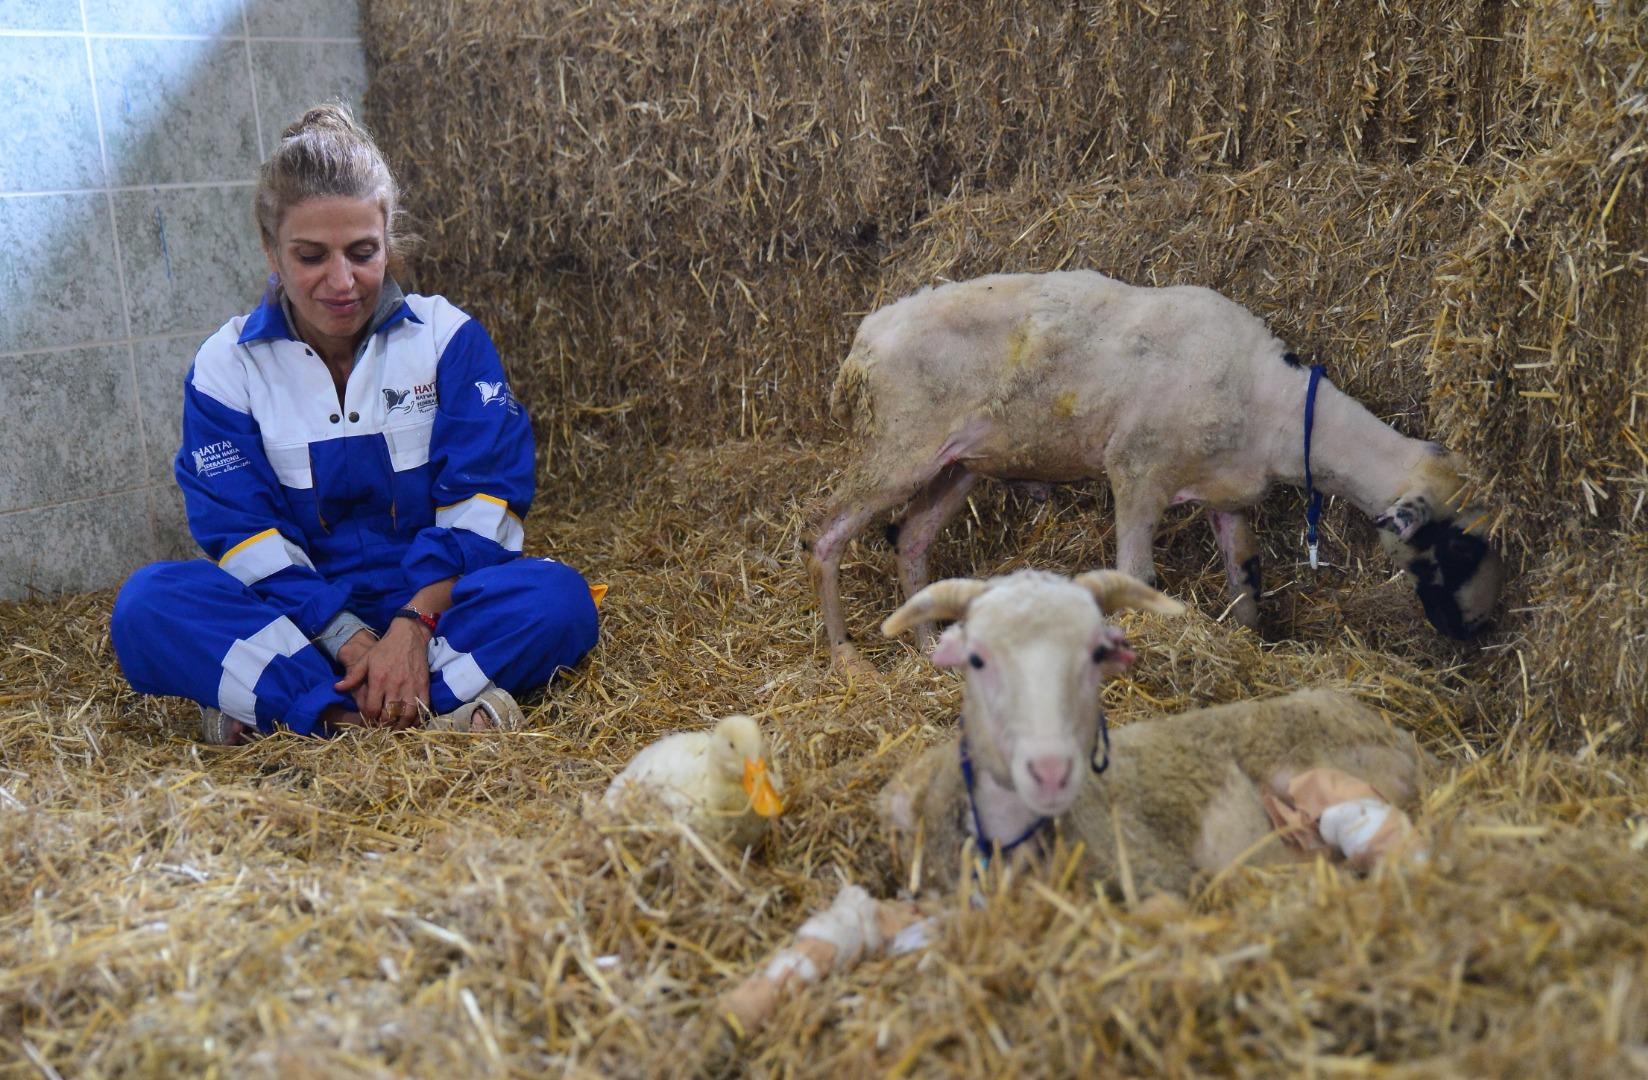 Yangından kurtarılan hayvanların çiftlikte uyumlu yaşamı